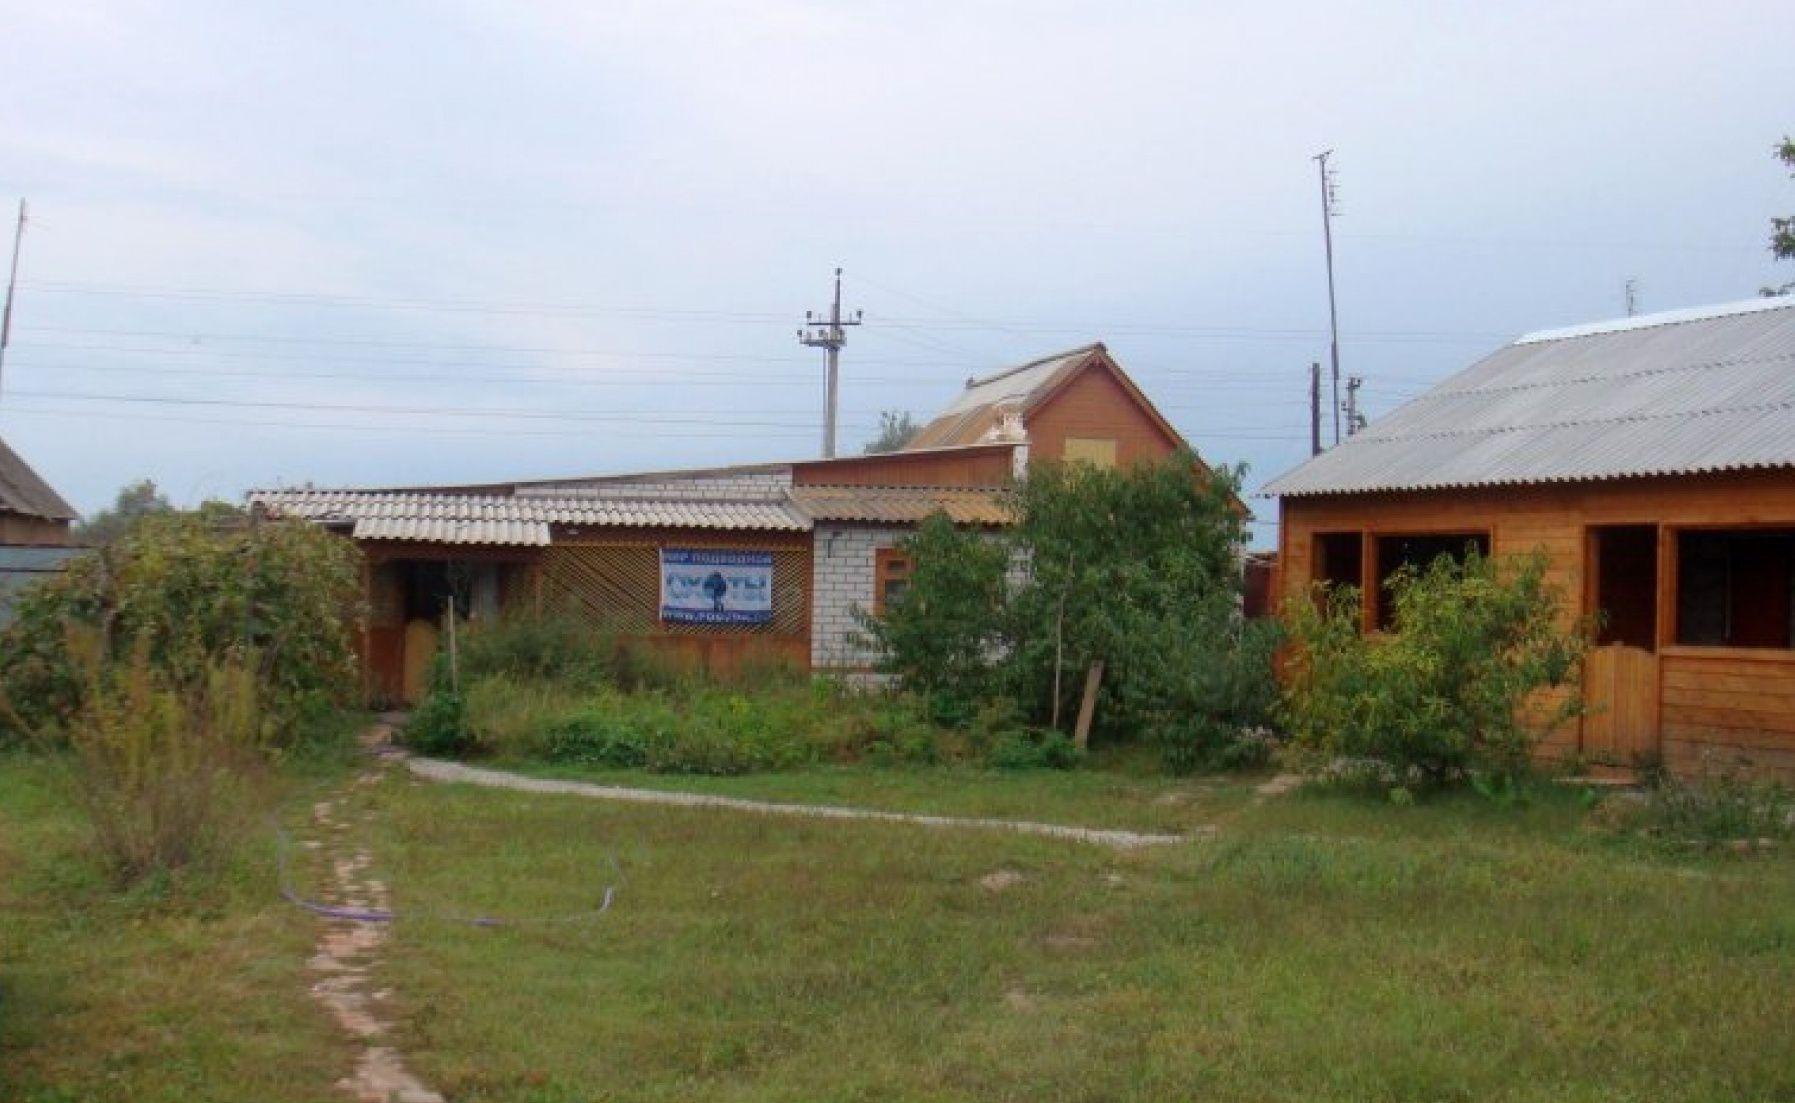 Рыболовно-охотничья база «Новинская» Астраханская область, фото 2